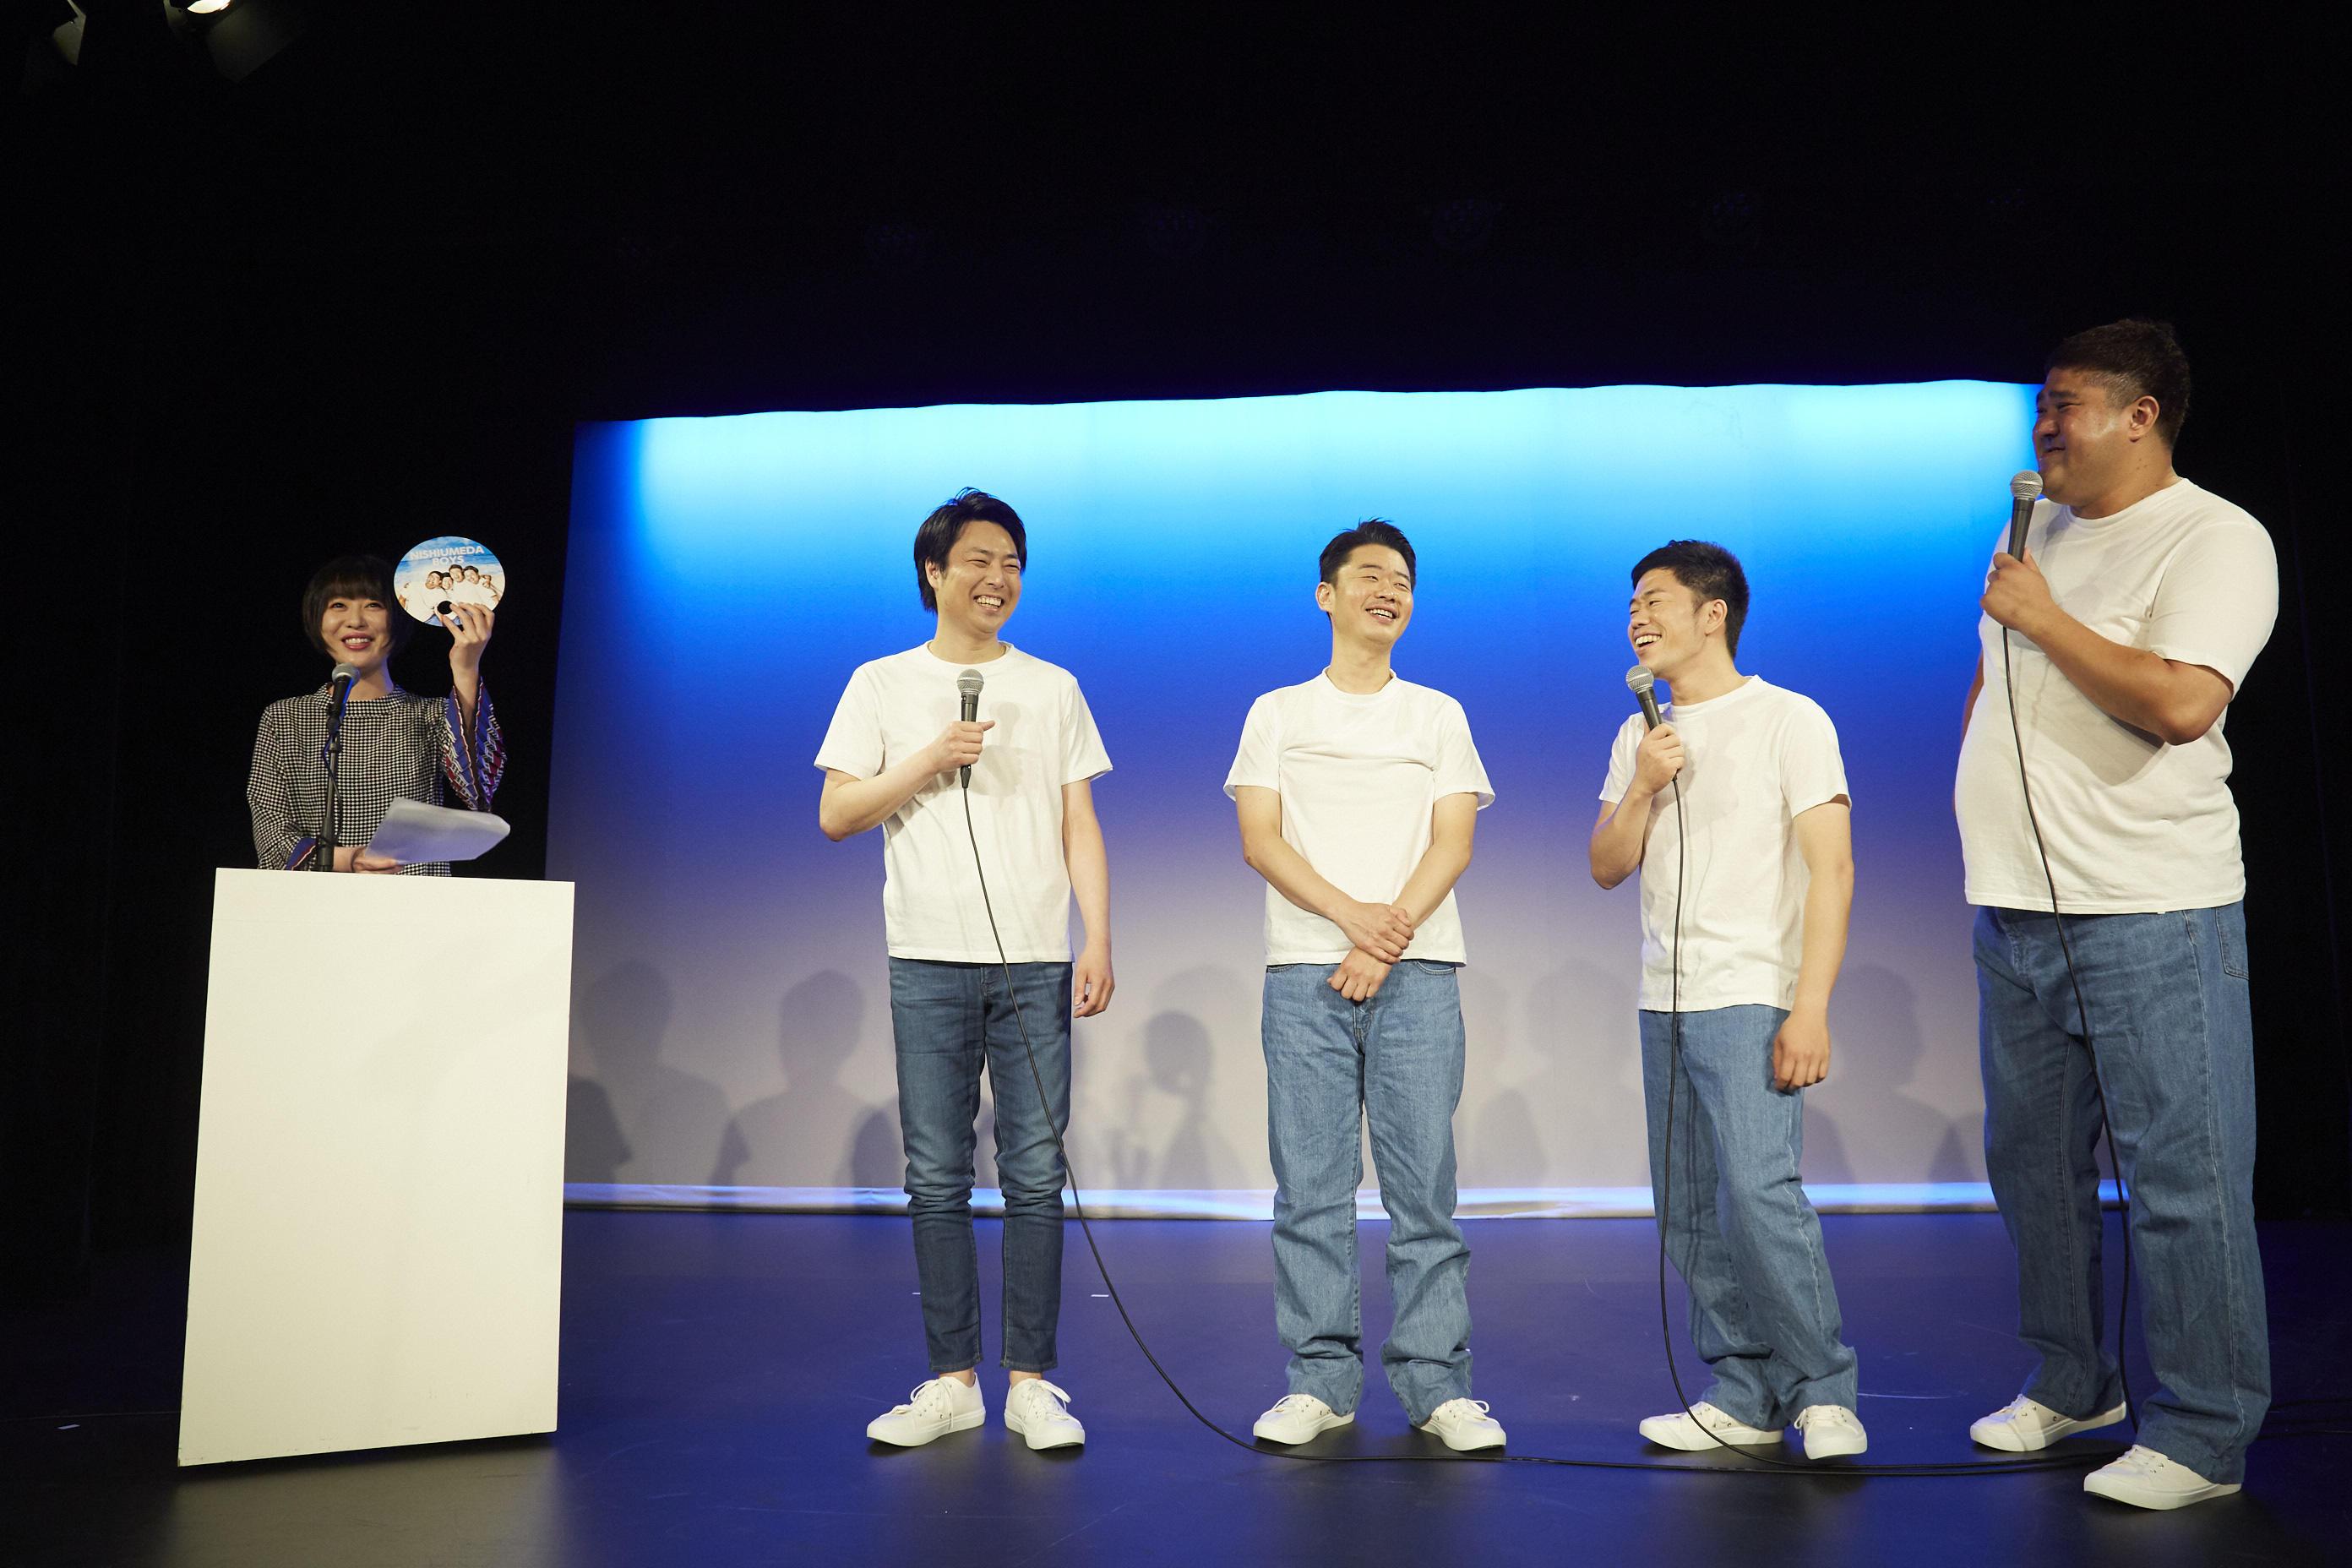 http://news.yoshimoto.co.jp/20180711200724-457ac304b52441ff136e288ba79fda685fde12a5.jpg